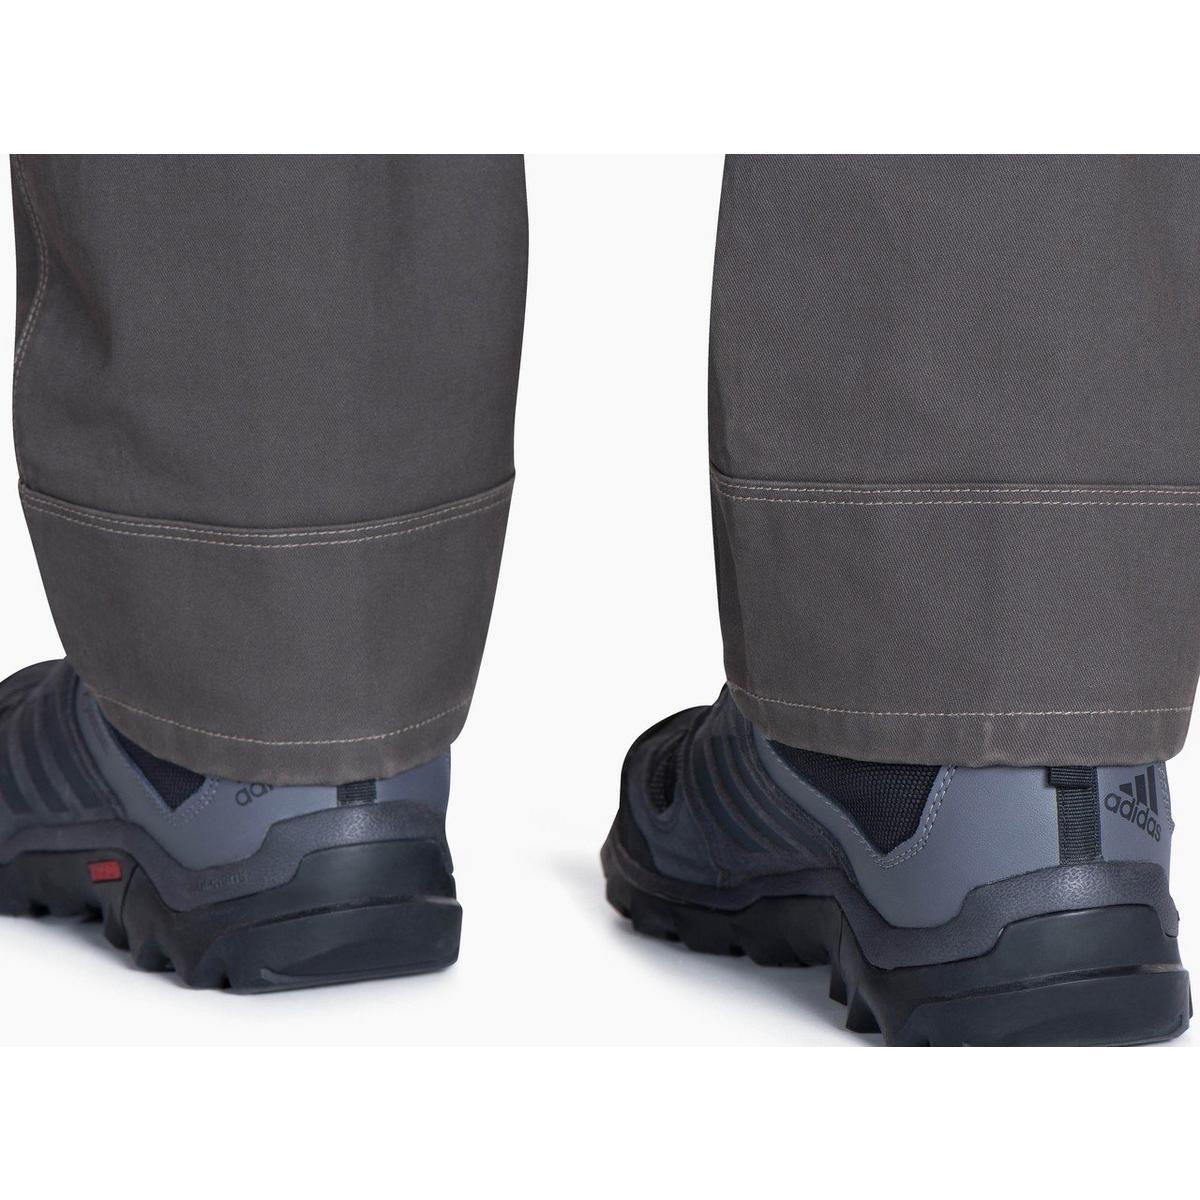 Kuhl Free Ryder Long Leg - Forged Iron